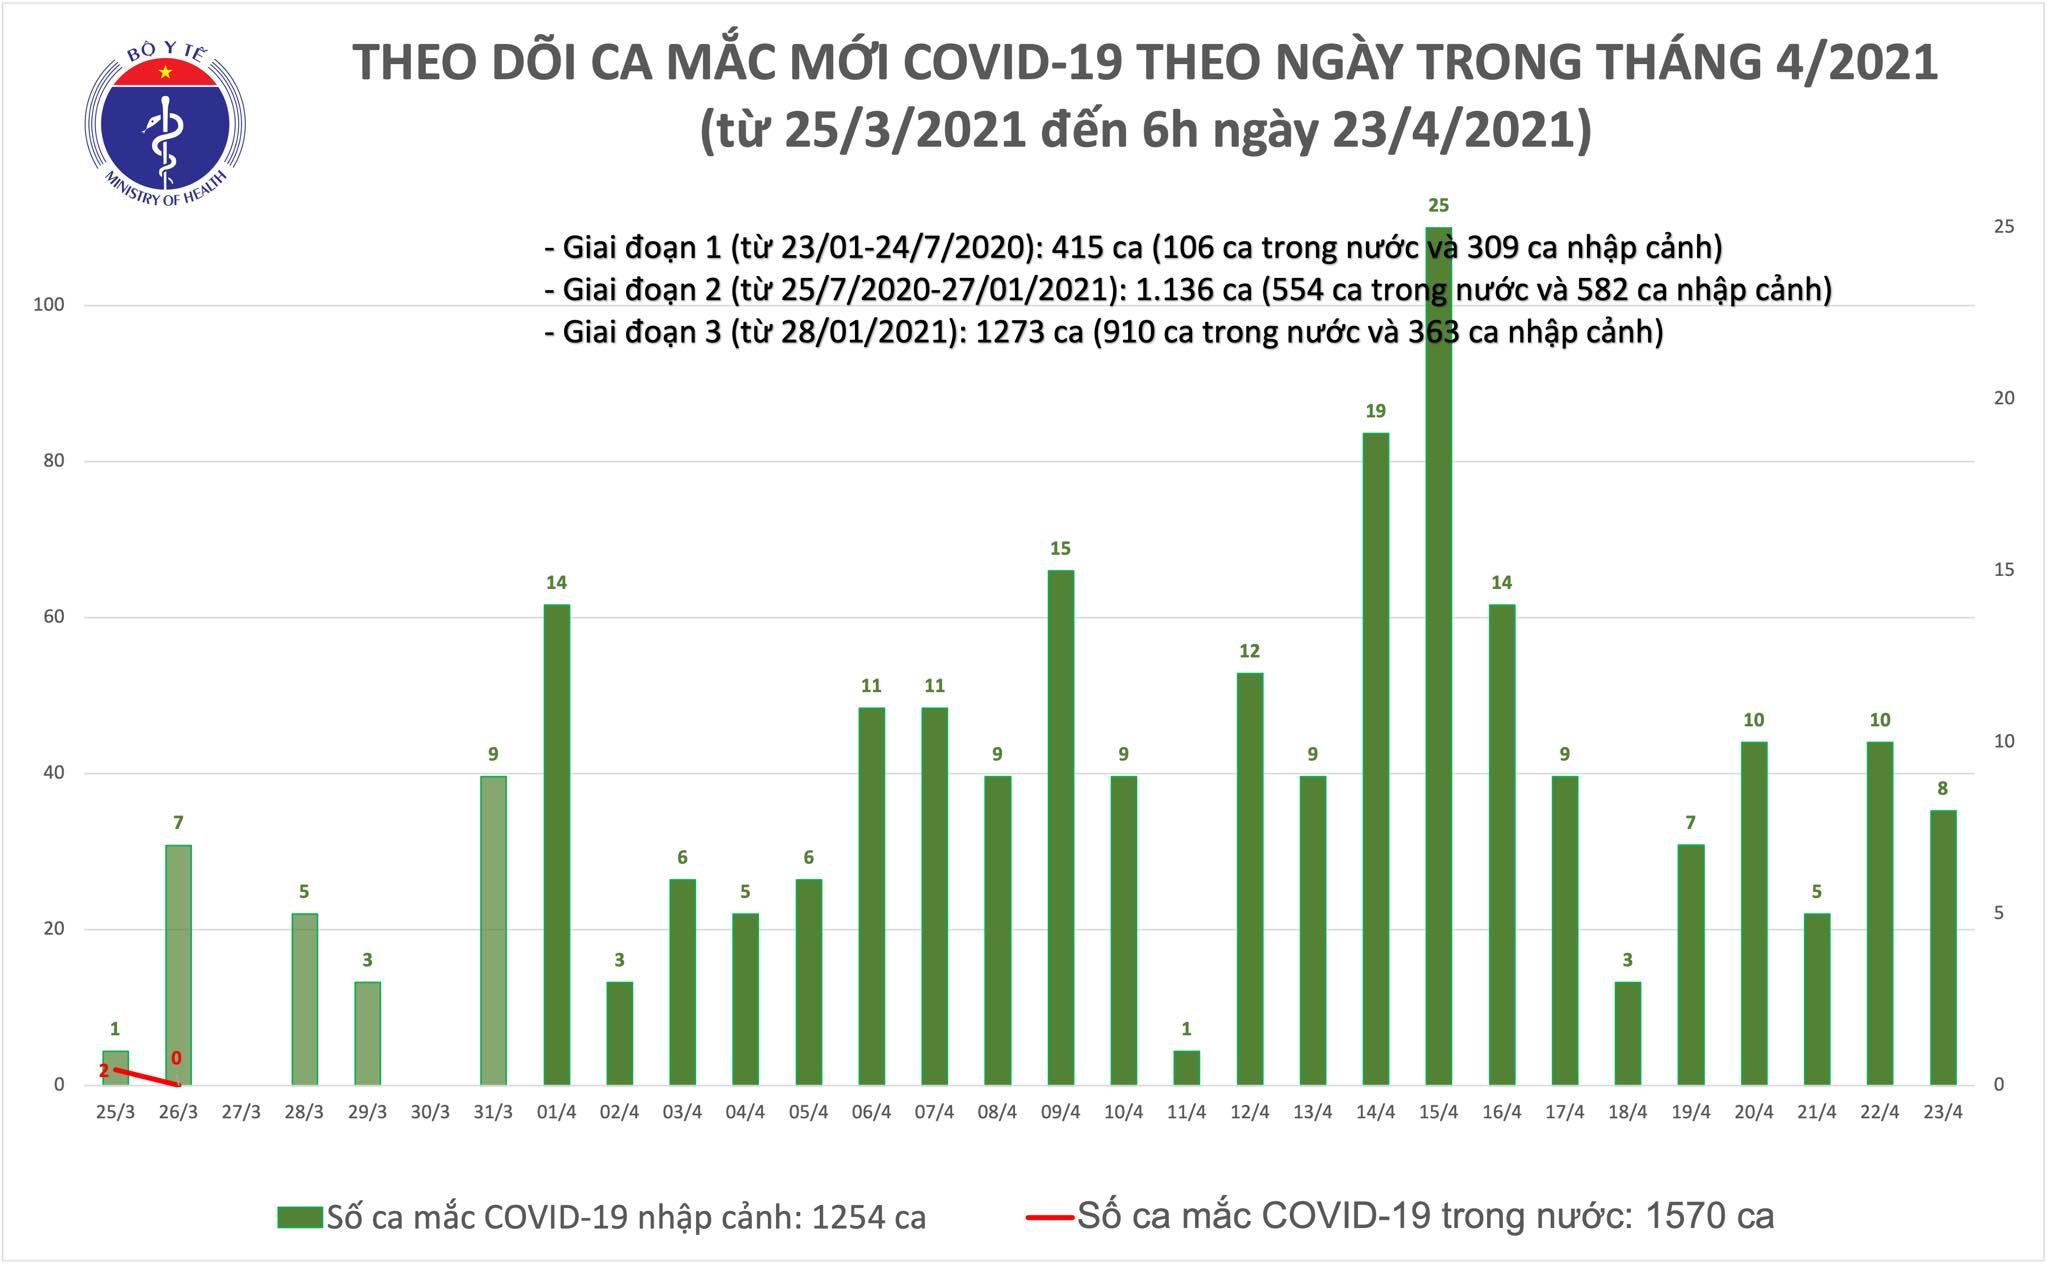 Sáng 24/4: Việt Nam thêm 2 ca mắc COVID-19, thế giới đã trên 146,1 triệu ca - Ảnh 1.